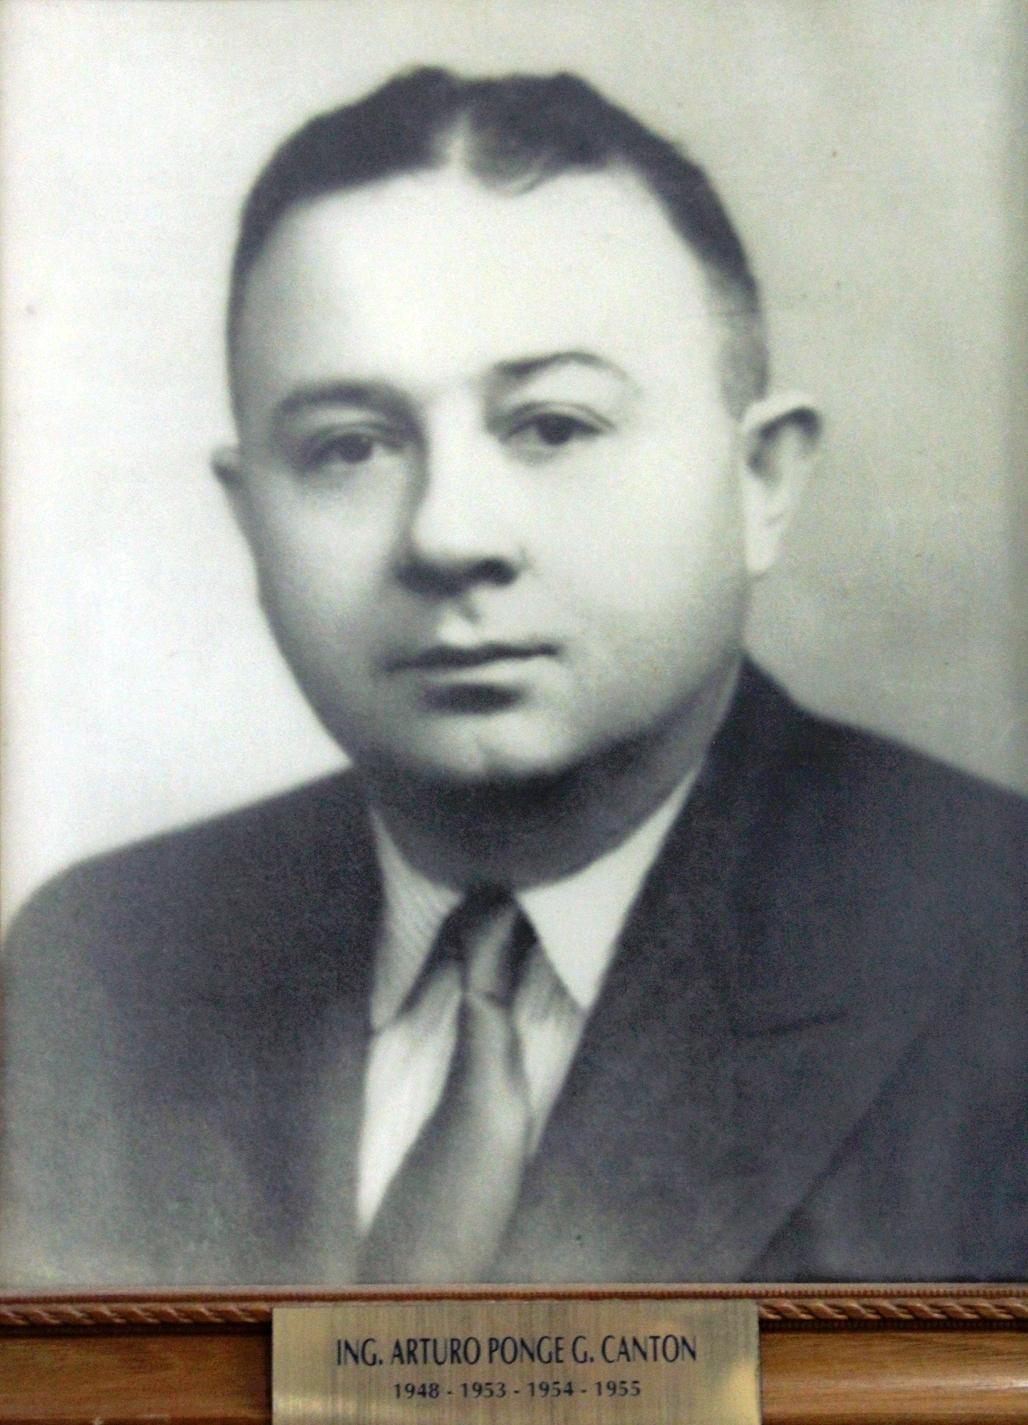 EMPRESARIO DISTINGUIDO ING. ARTURO PONCE G. CANTÓN